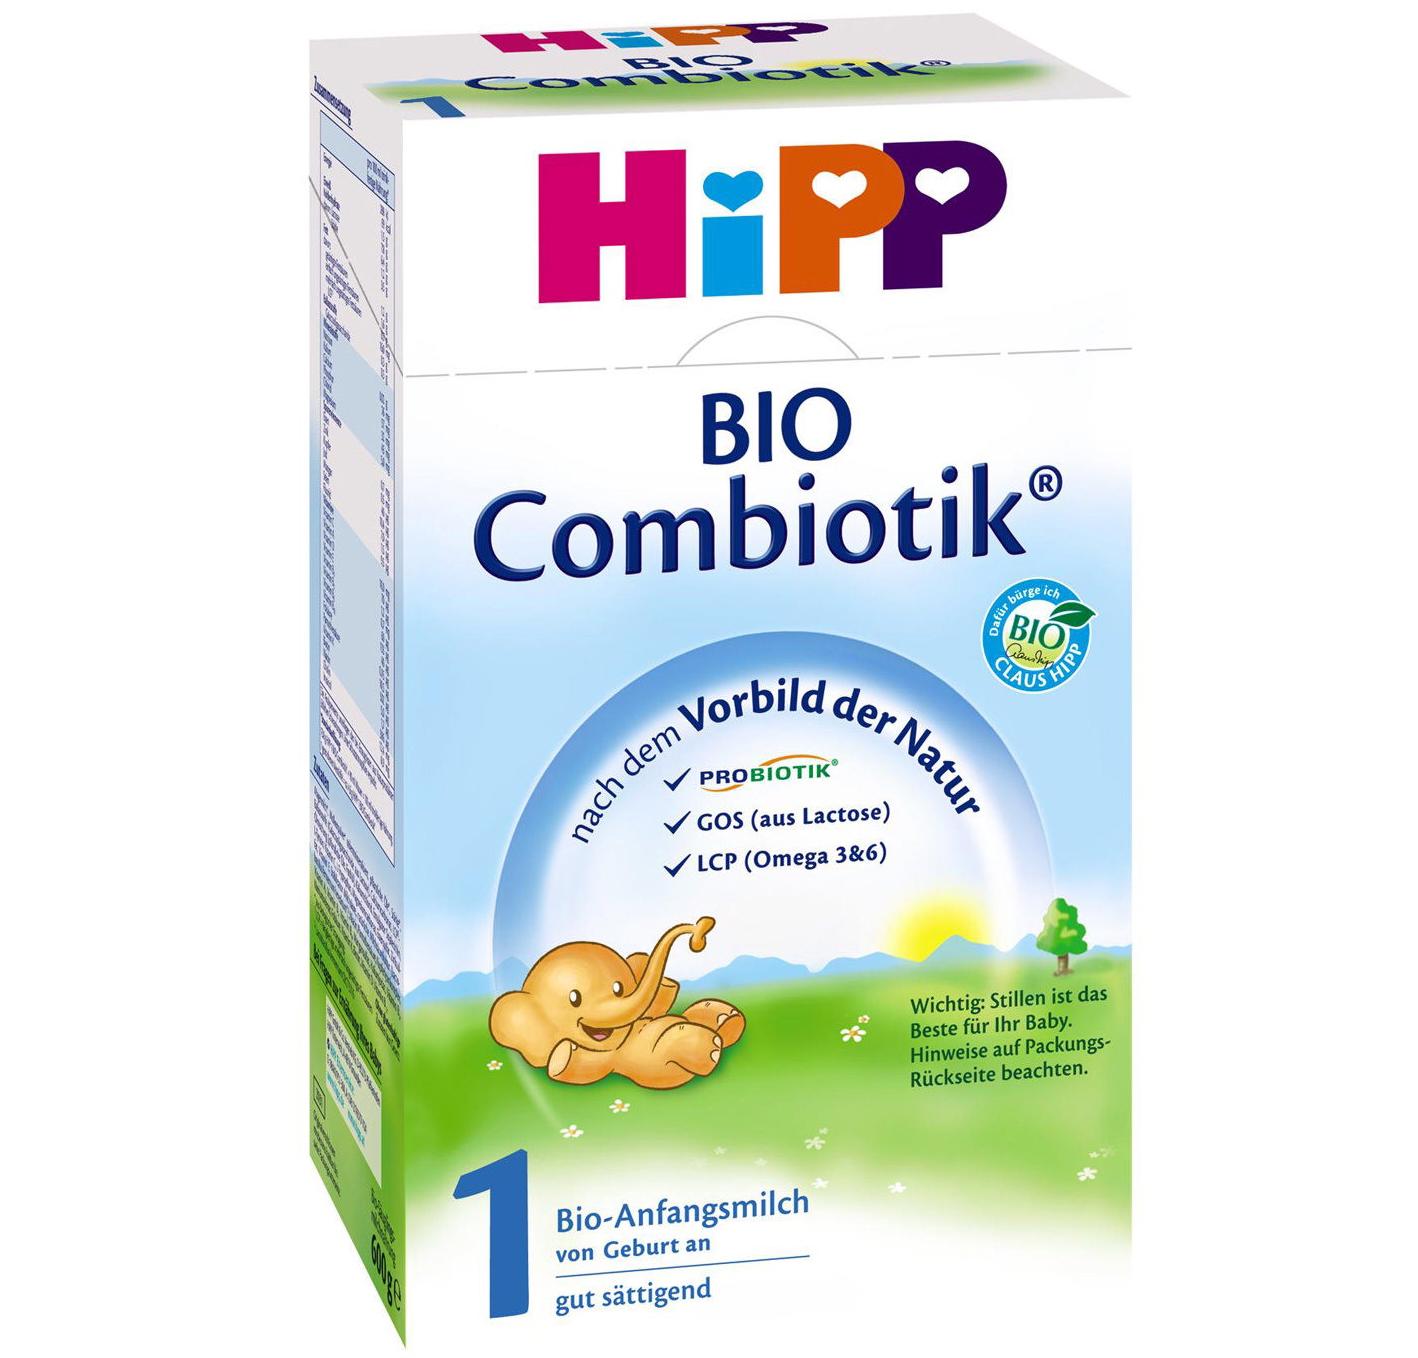 Hipp Bio Combiotic 1 Βιολογικό Γάλα Πρώτης Βρεφικής Ηλικίας No 1 600 gr